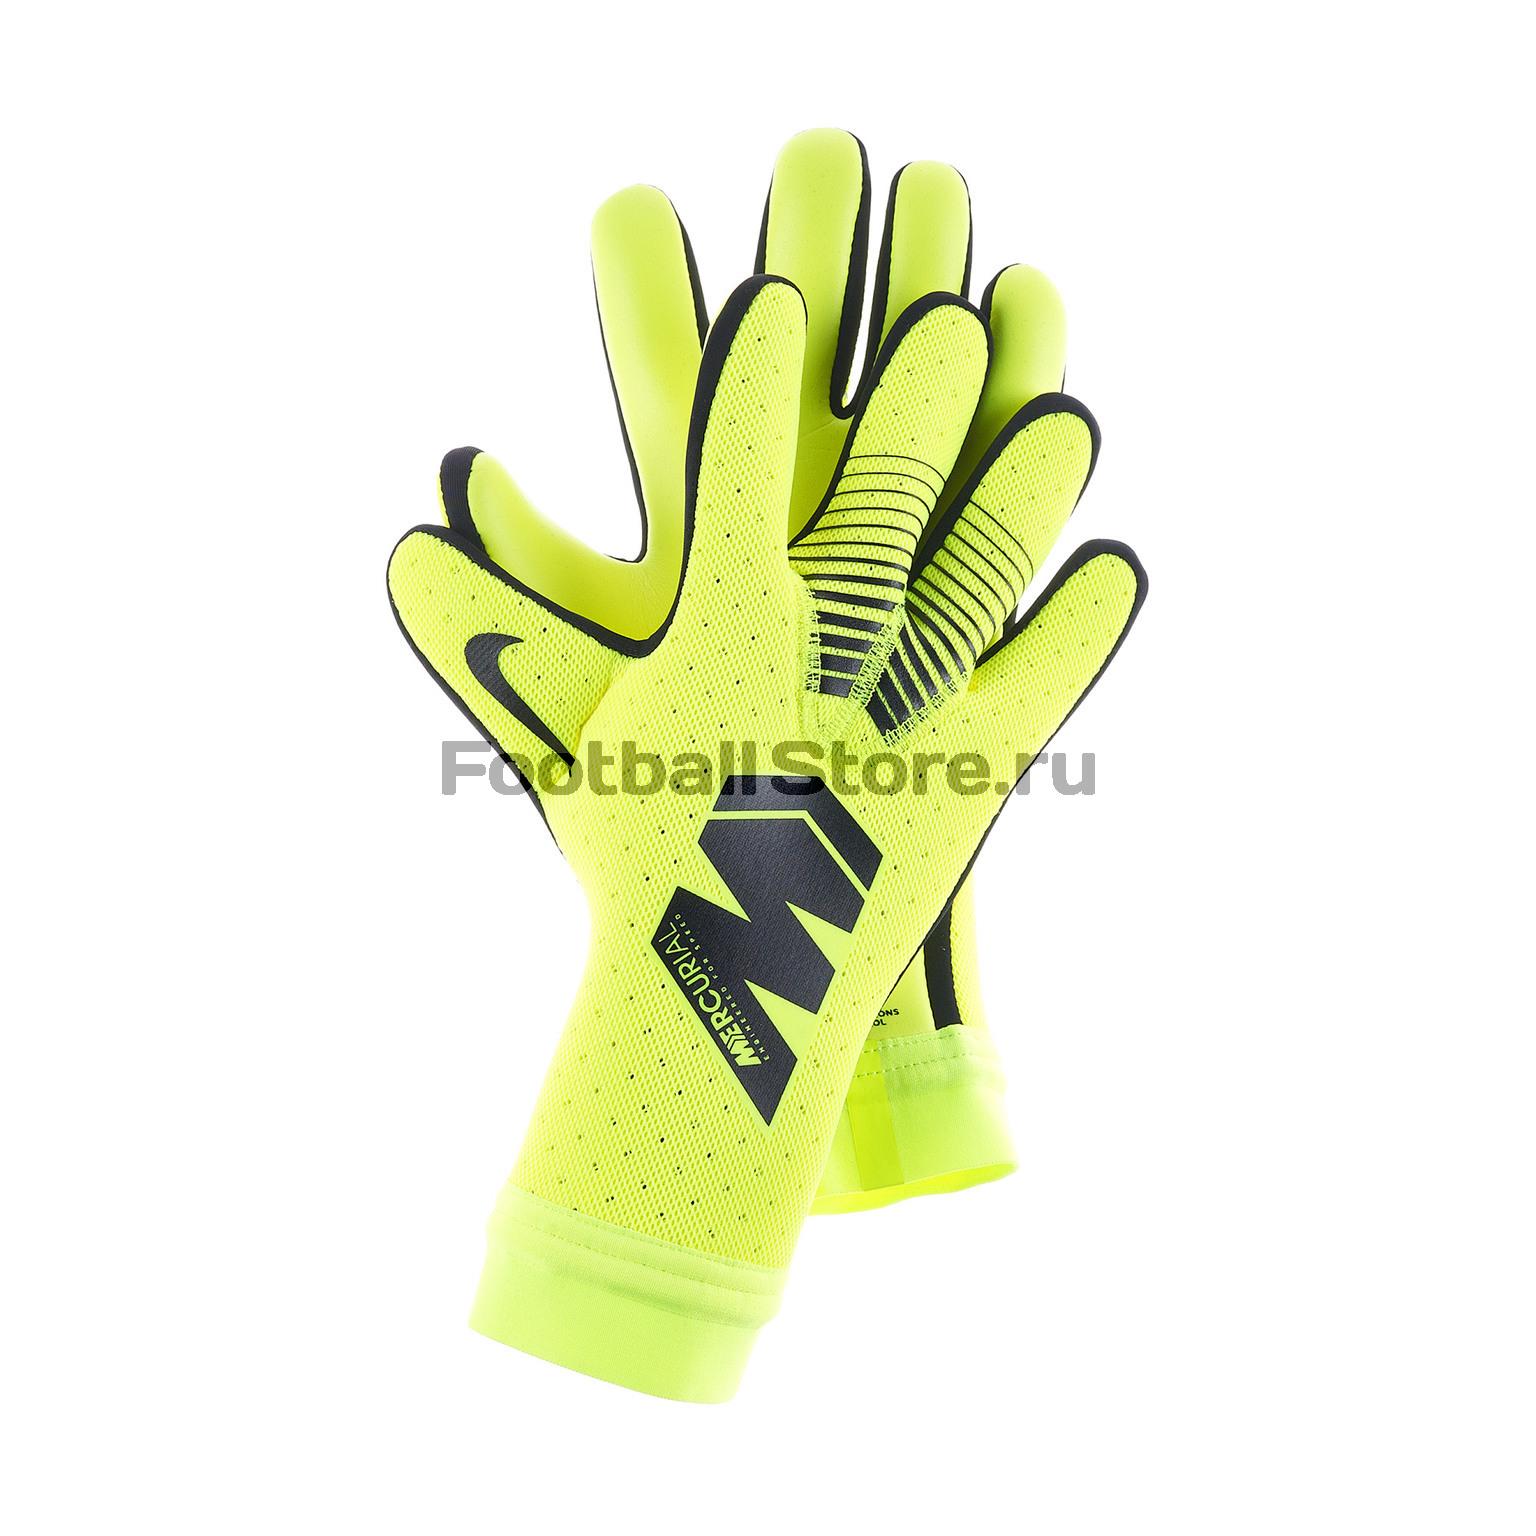 Перчатки вратарские Nike GK Mercurial Touch Elite GS0356-702 - купить в  интернет магазине Footballstore, цена, фото 59ad22279ec